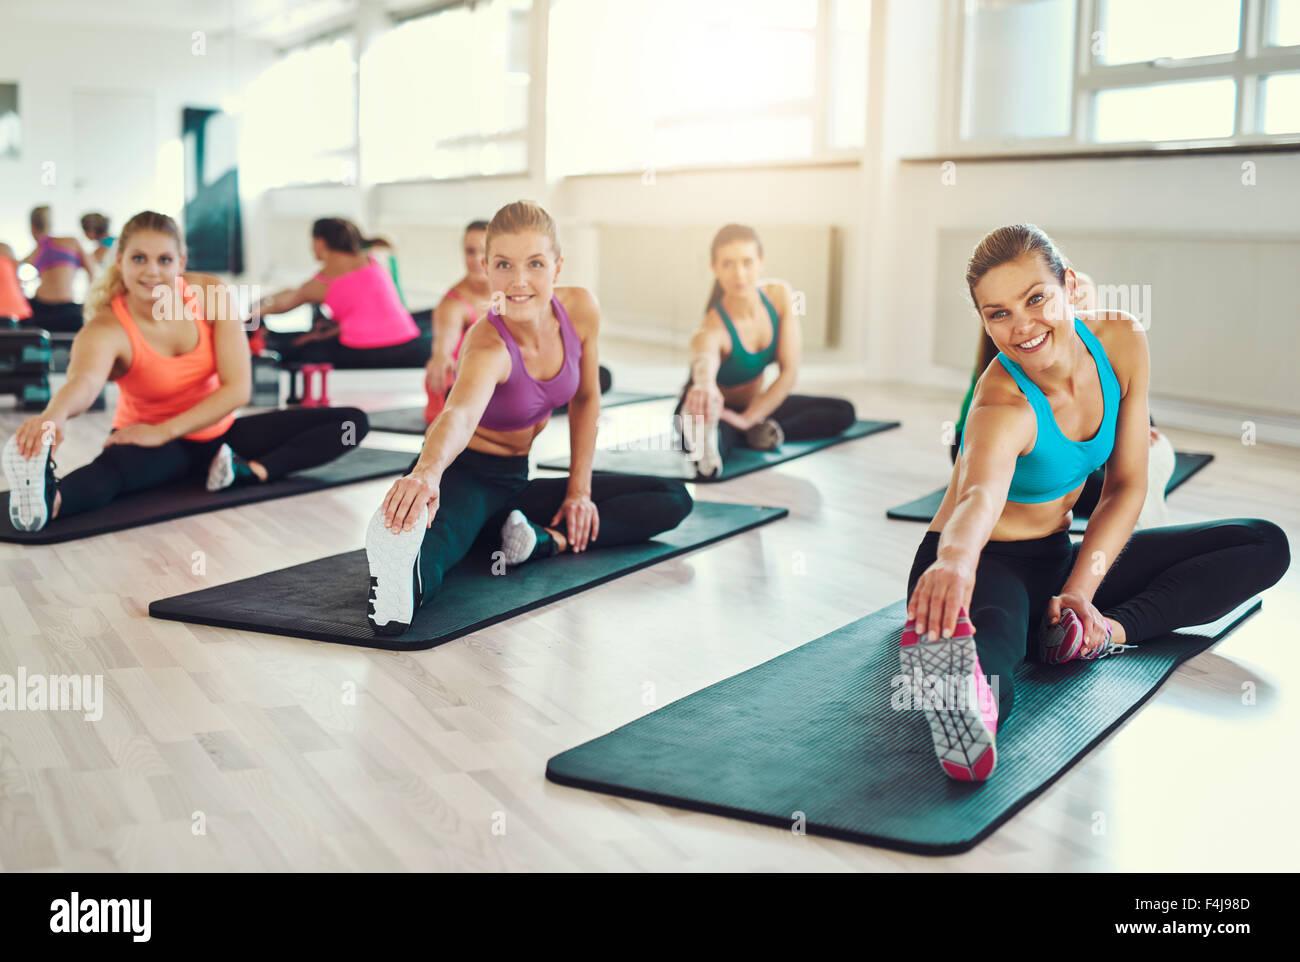 Grupo de mujeres jóvenes en la clase de aeróbicos en el gimnasio haciendo ejercicios de estiramiento para Imagen De Stock